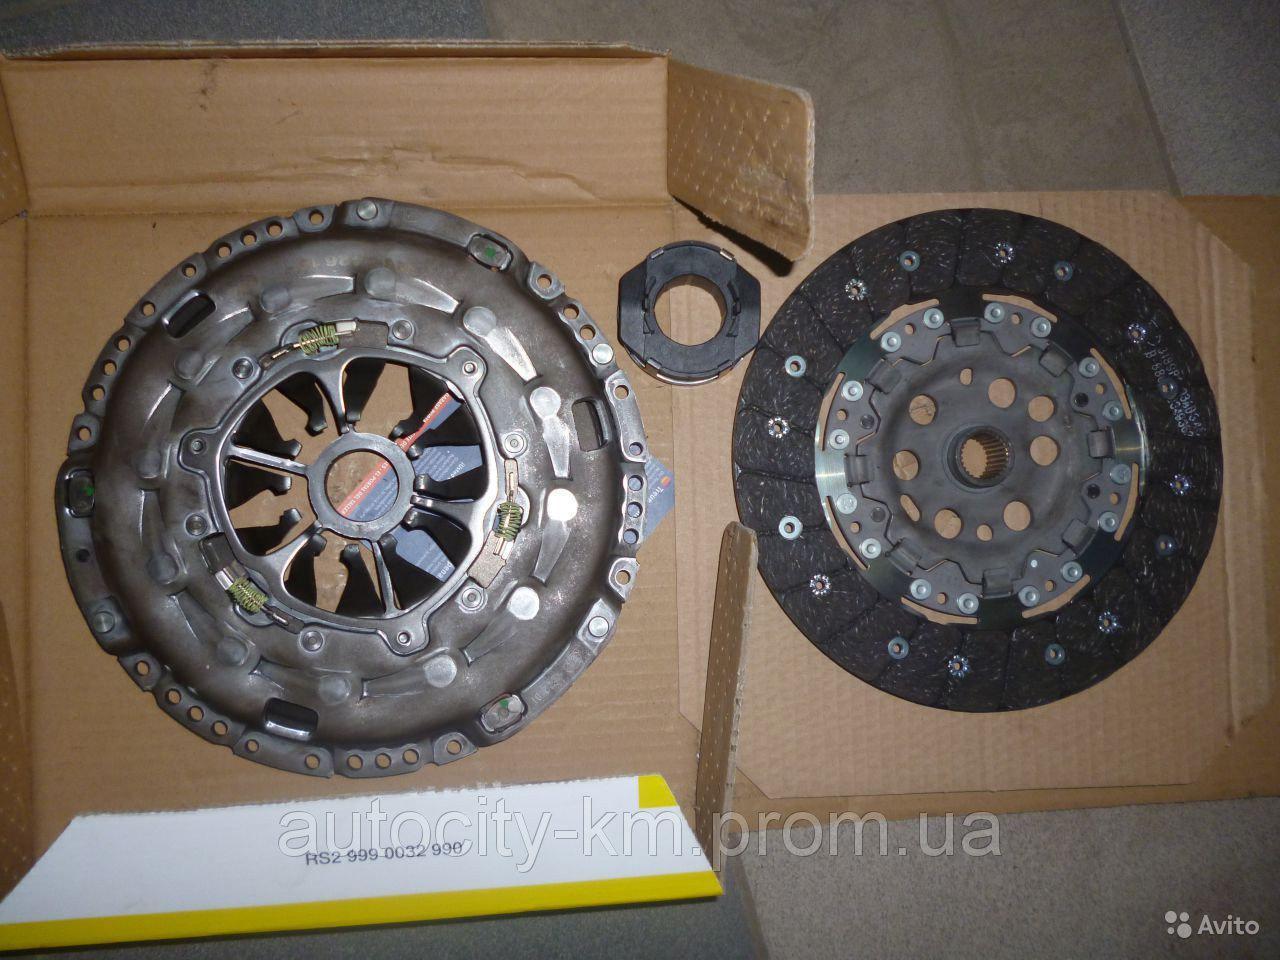 Комплект сцепления VW Caddy 3/T-5/B-6 1.9TDi/2.0TDi @230x28 LUK версия 623 3094 00